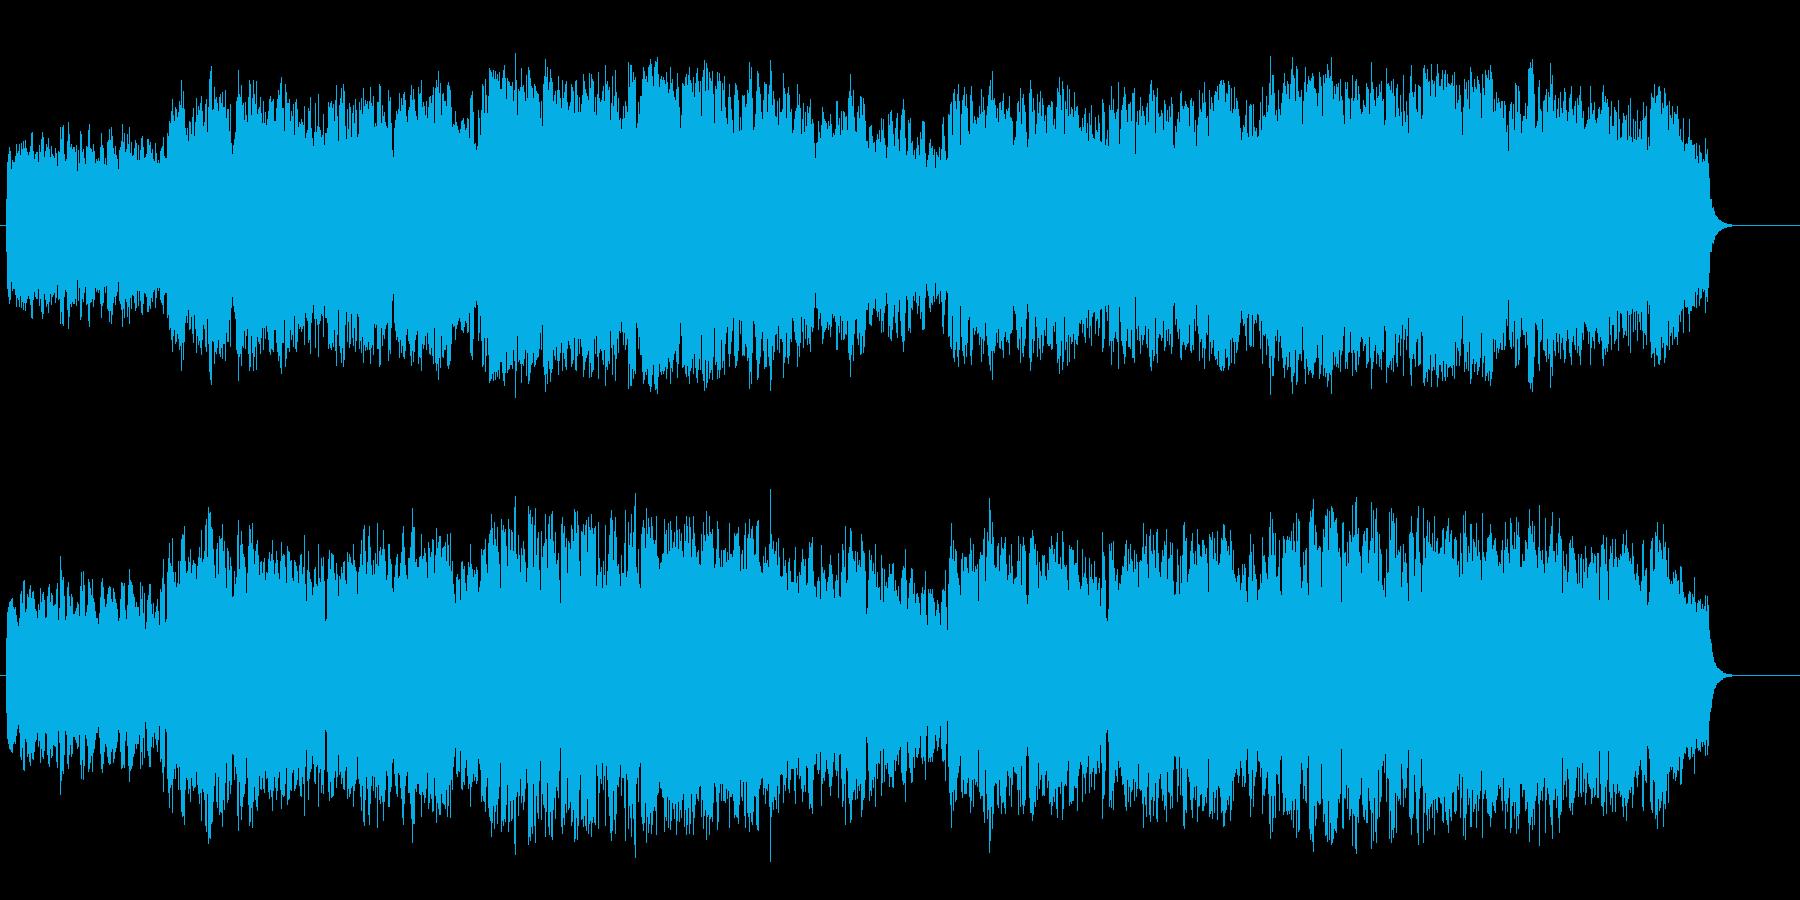 大自然を感じるおおらかなオーケストラの再生済みの波形